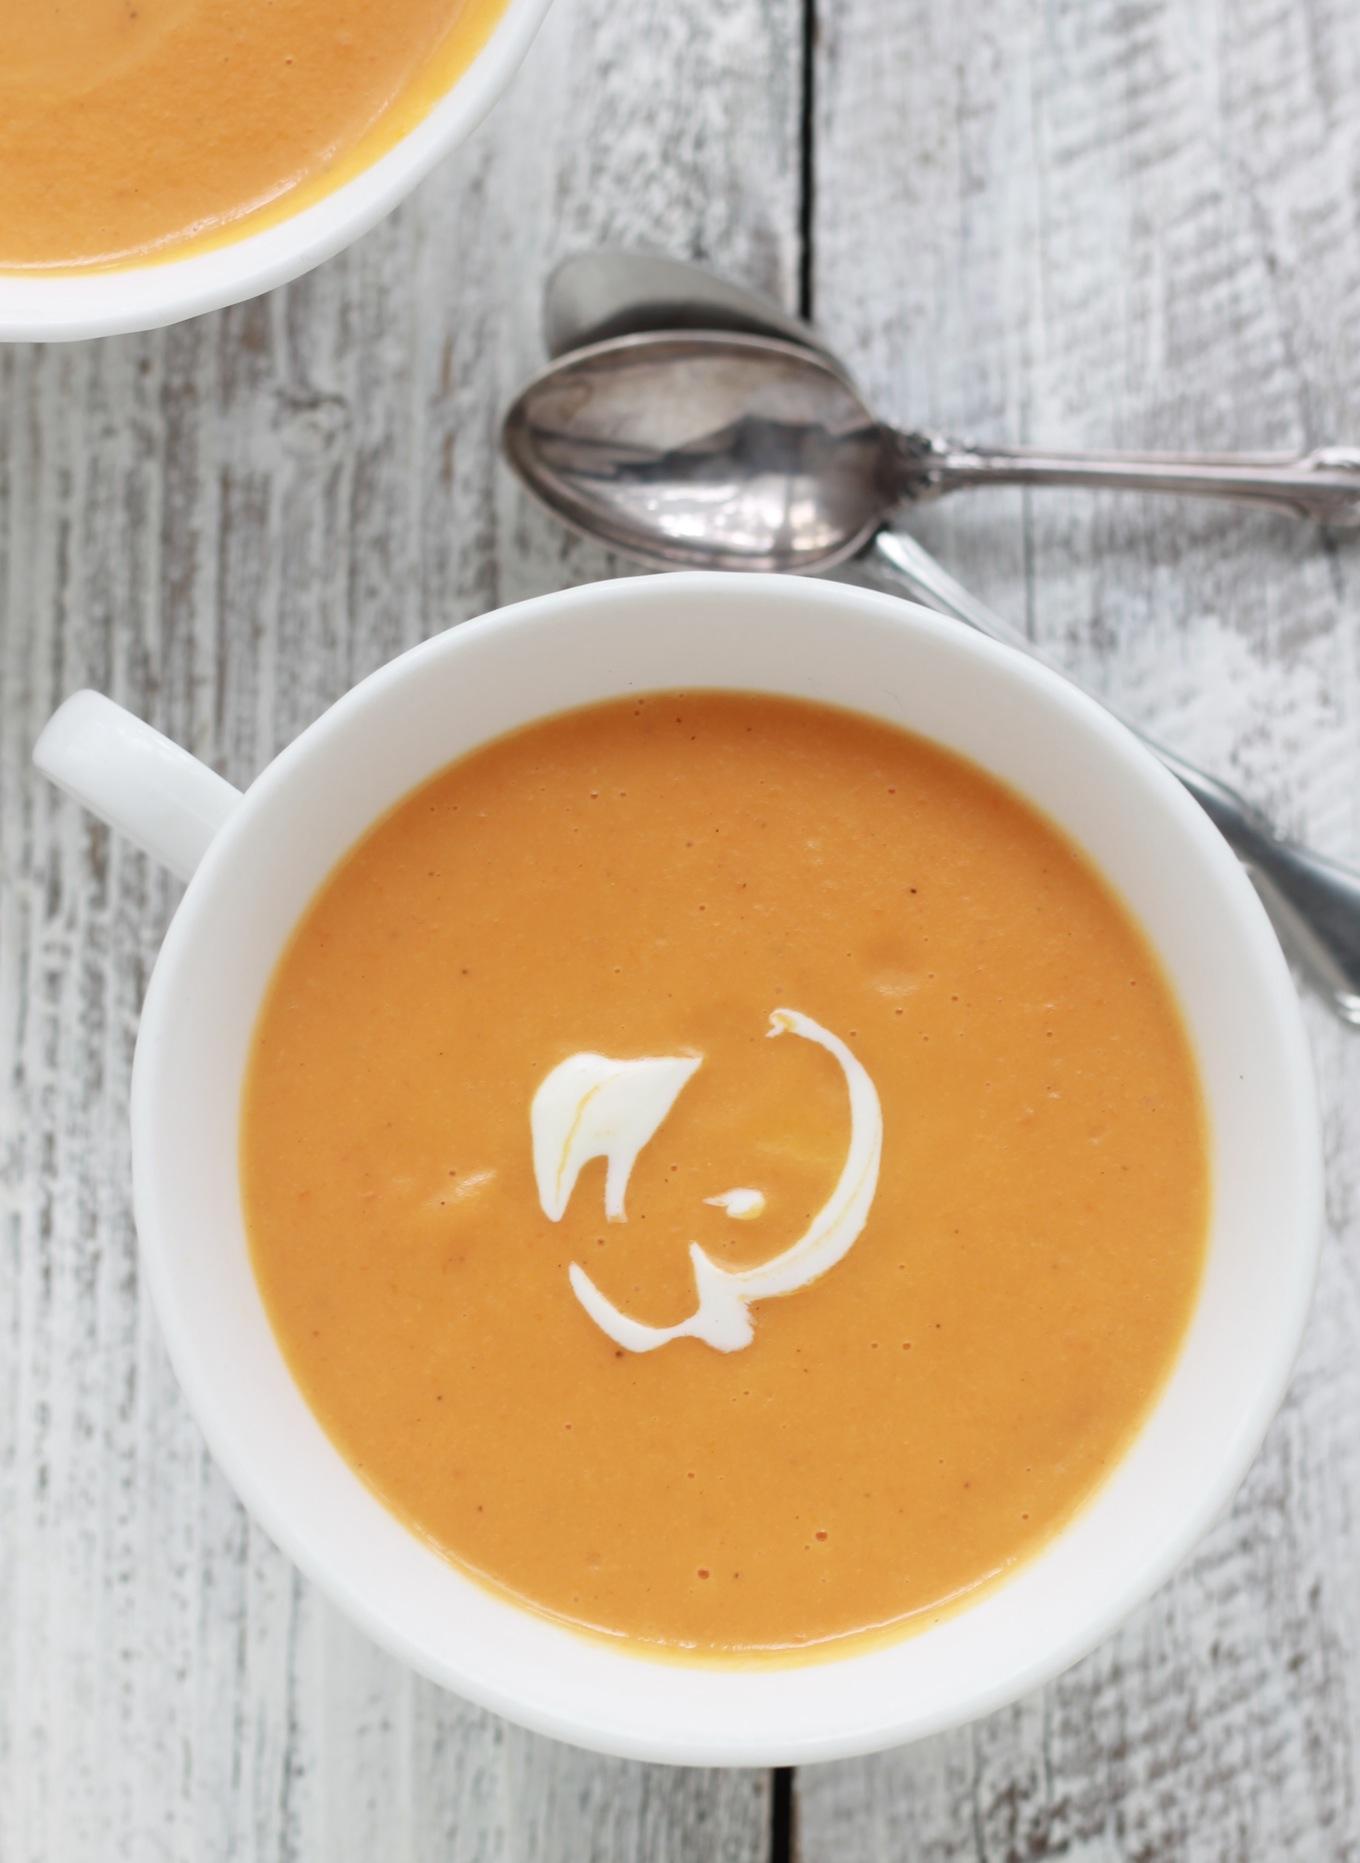 Un délicieux velouté de carottes au fromage plein de fibres, vitamines et minéraux en plus d'être très facile et rapide à faire !